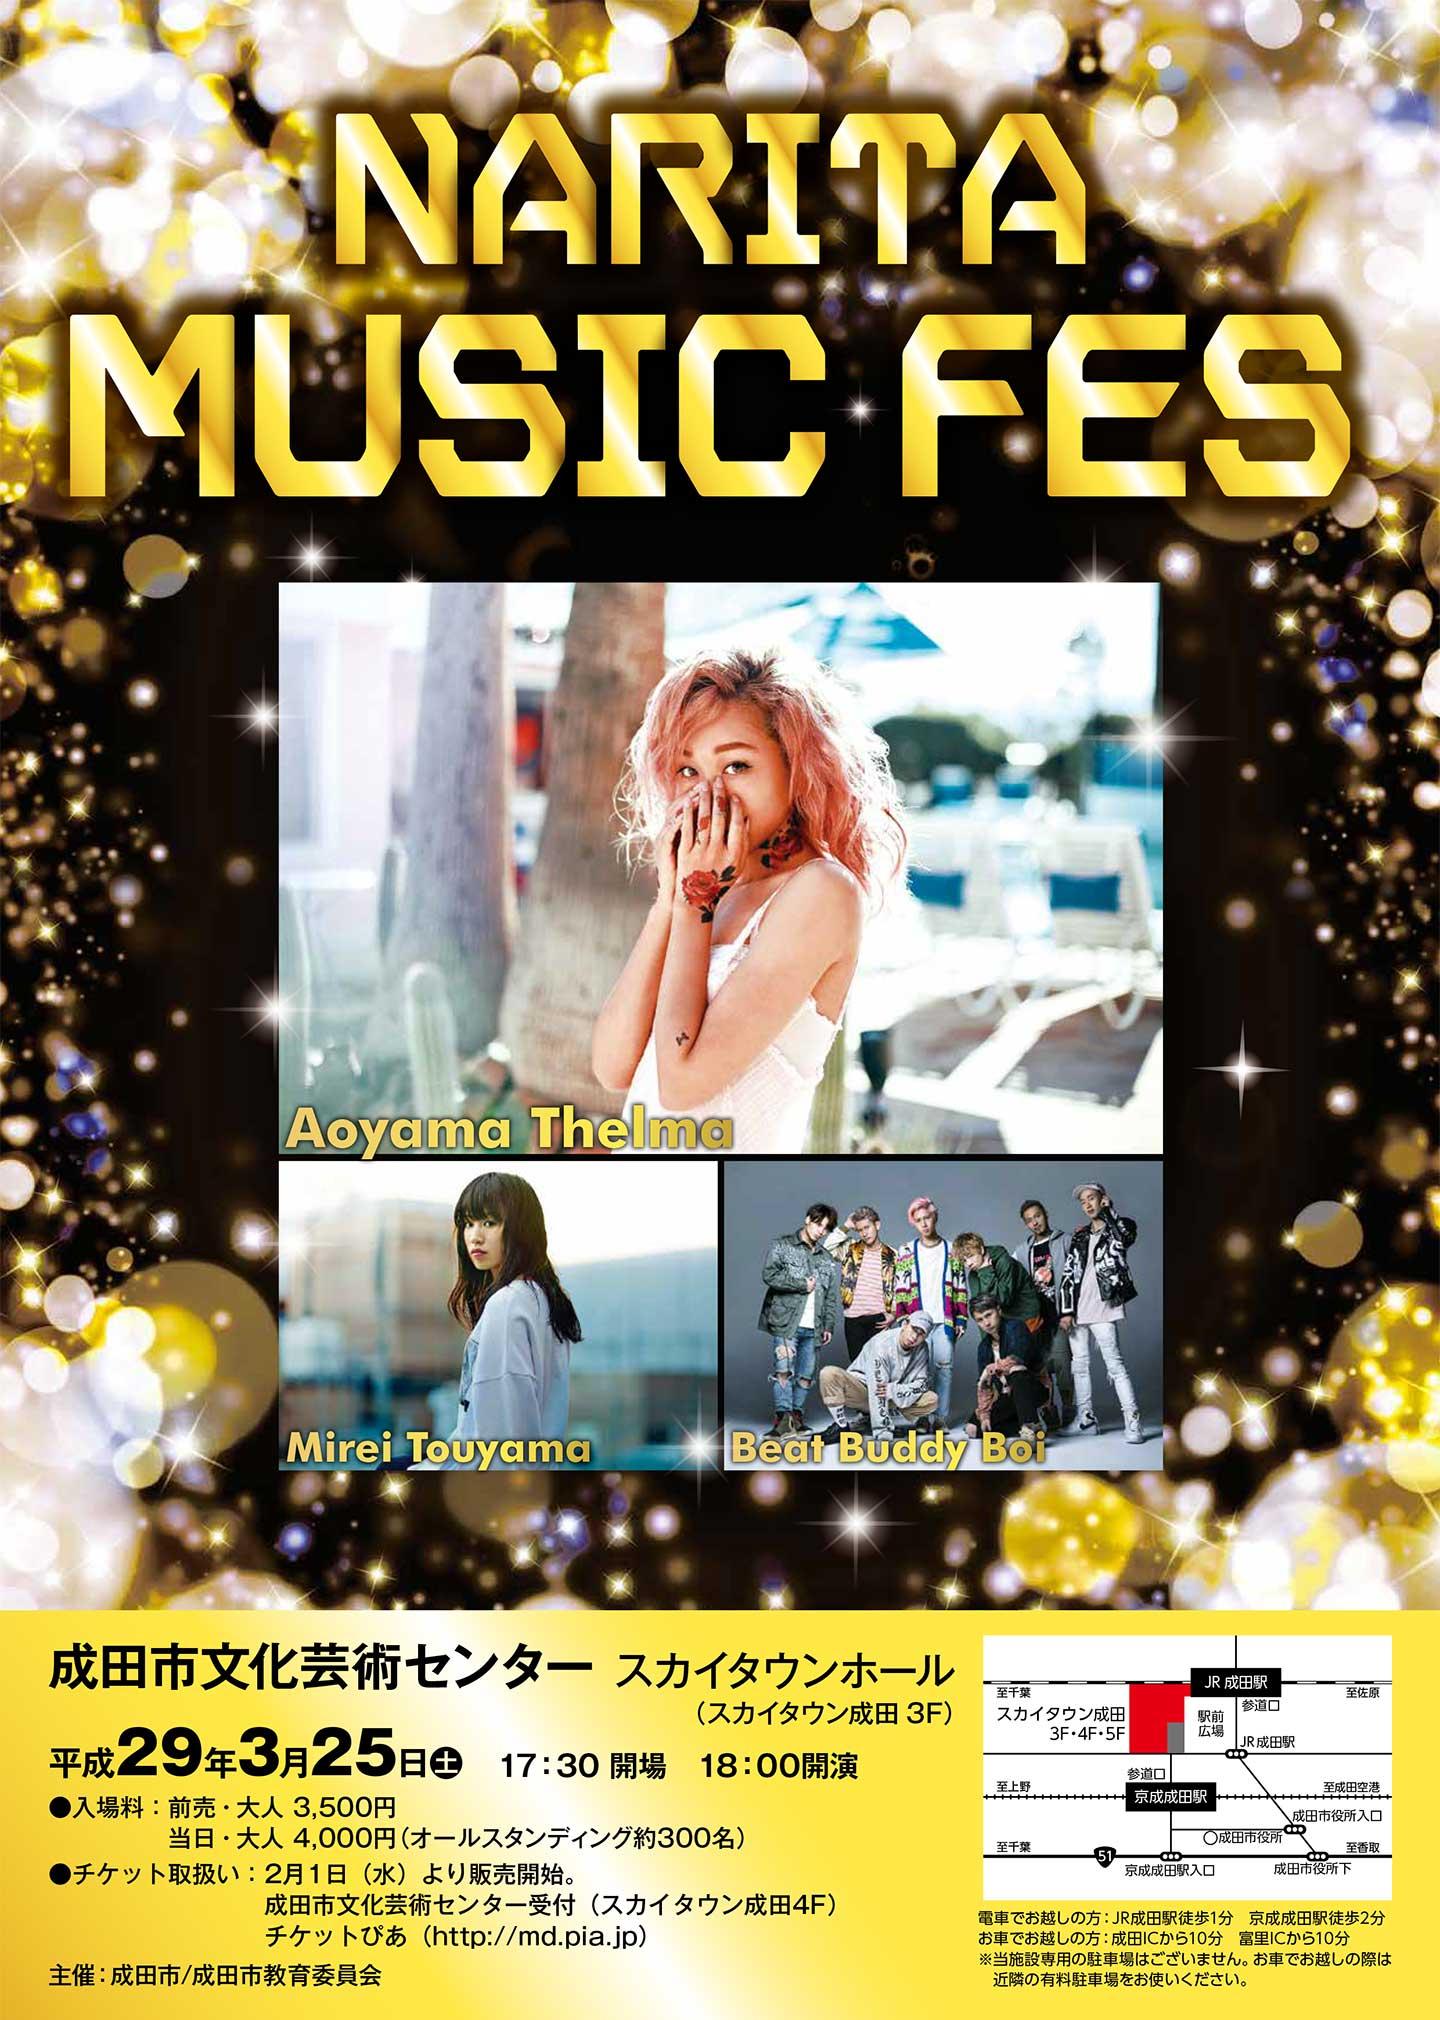 成田ミュージックフェス